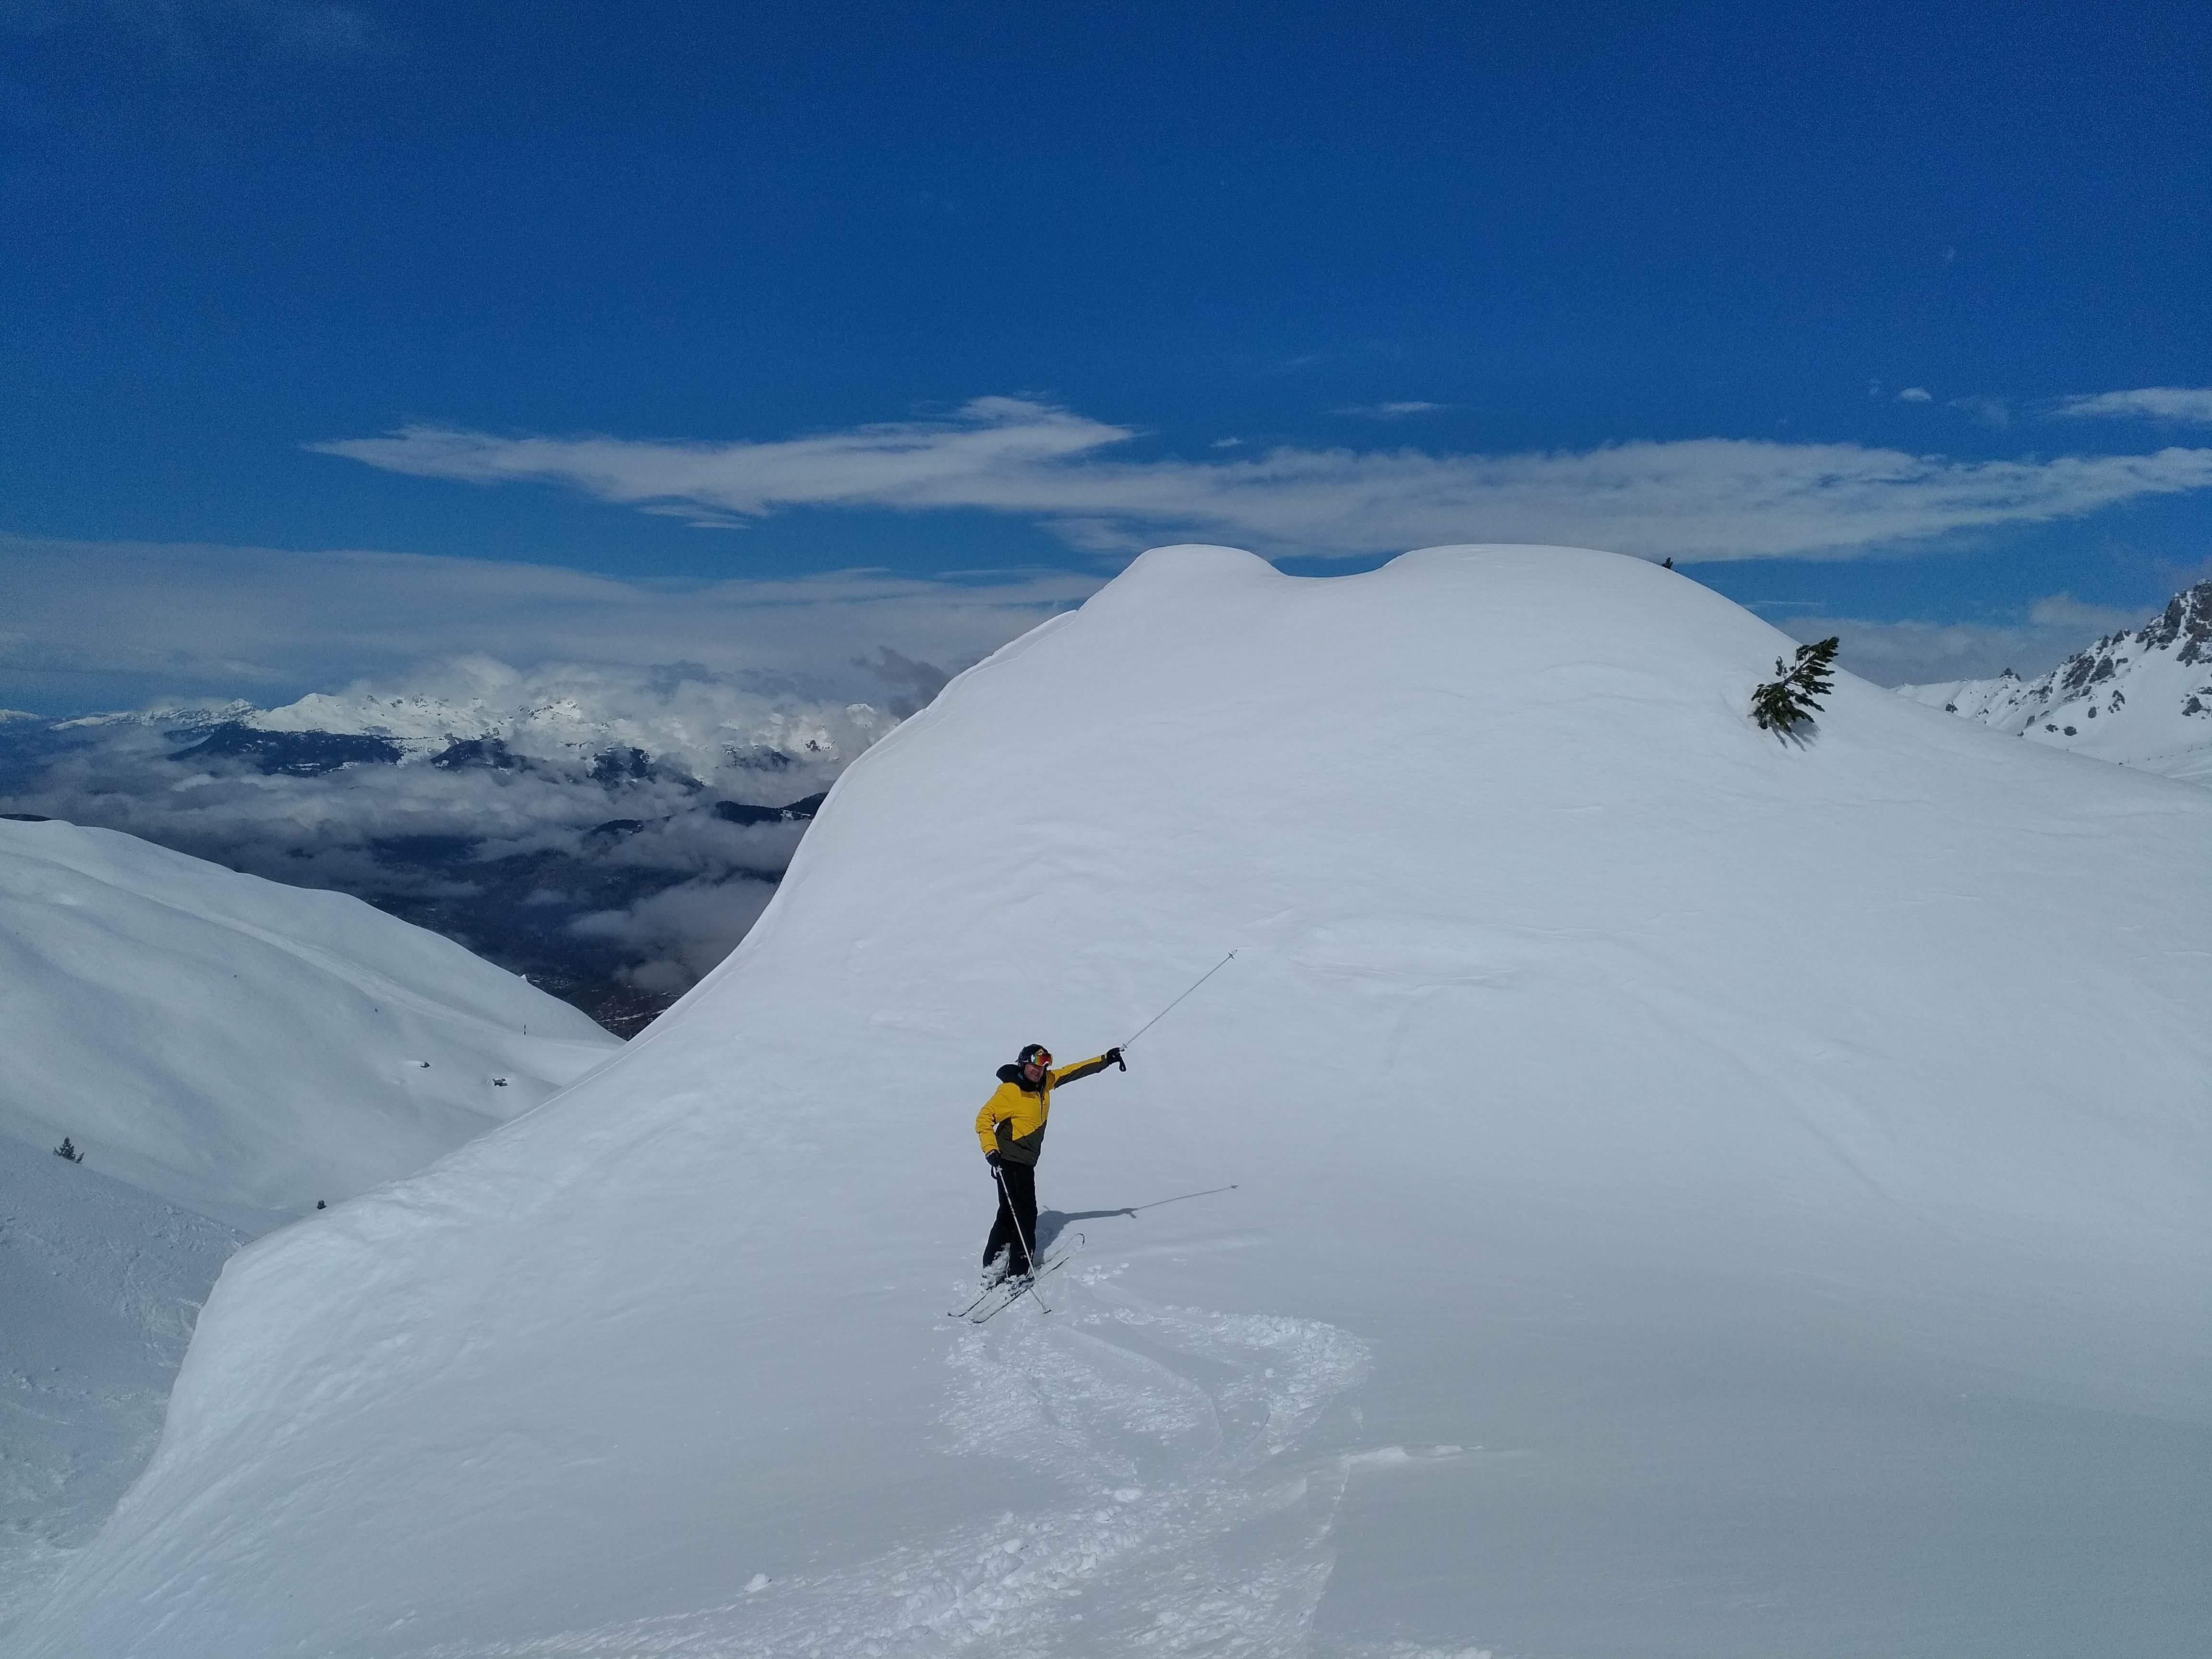 esqui fuera pista vanoise, Alpes